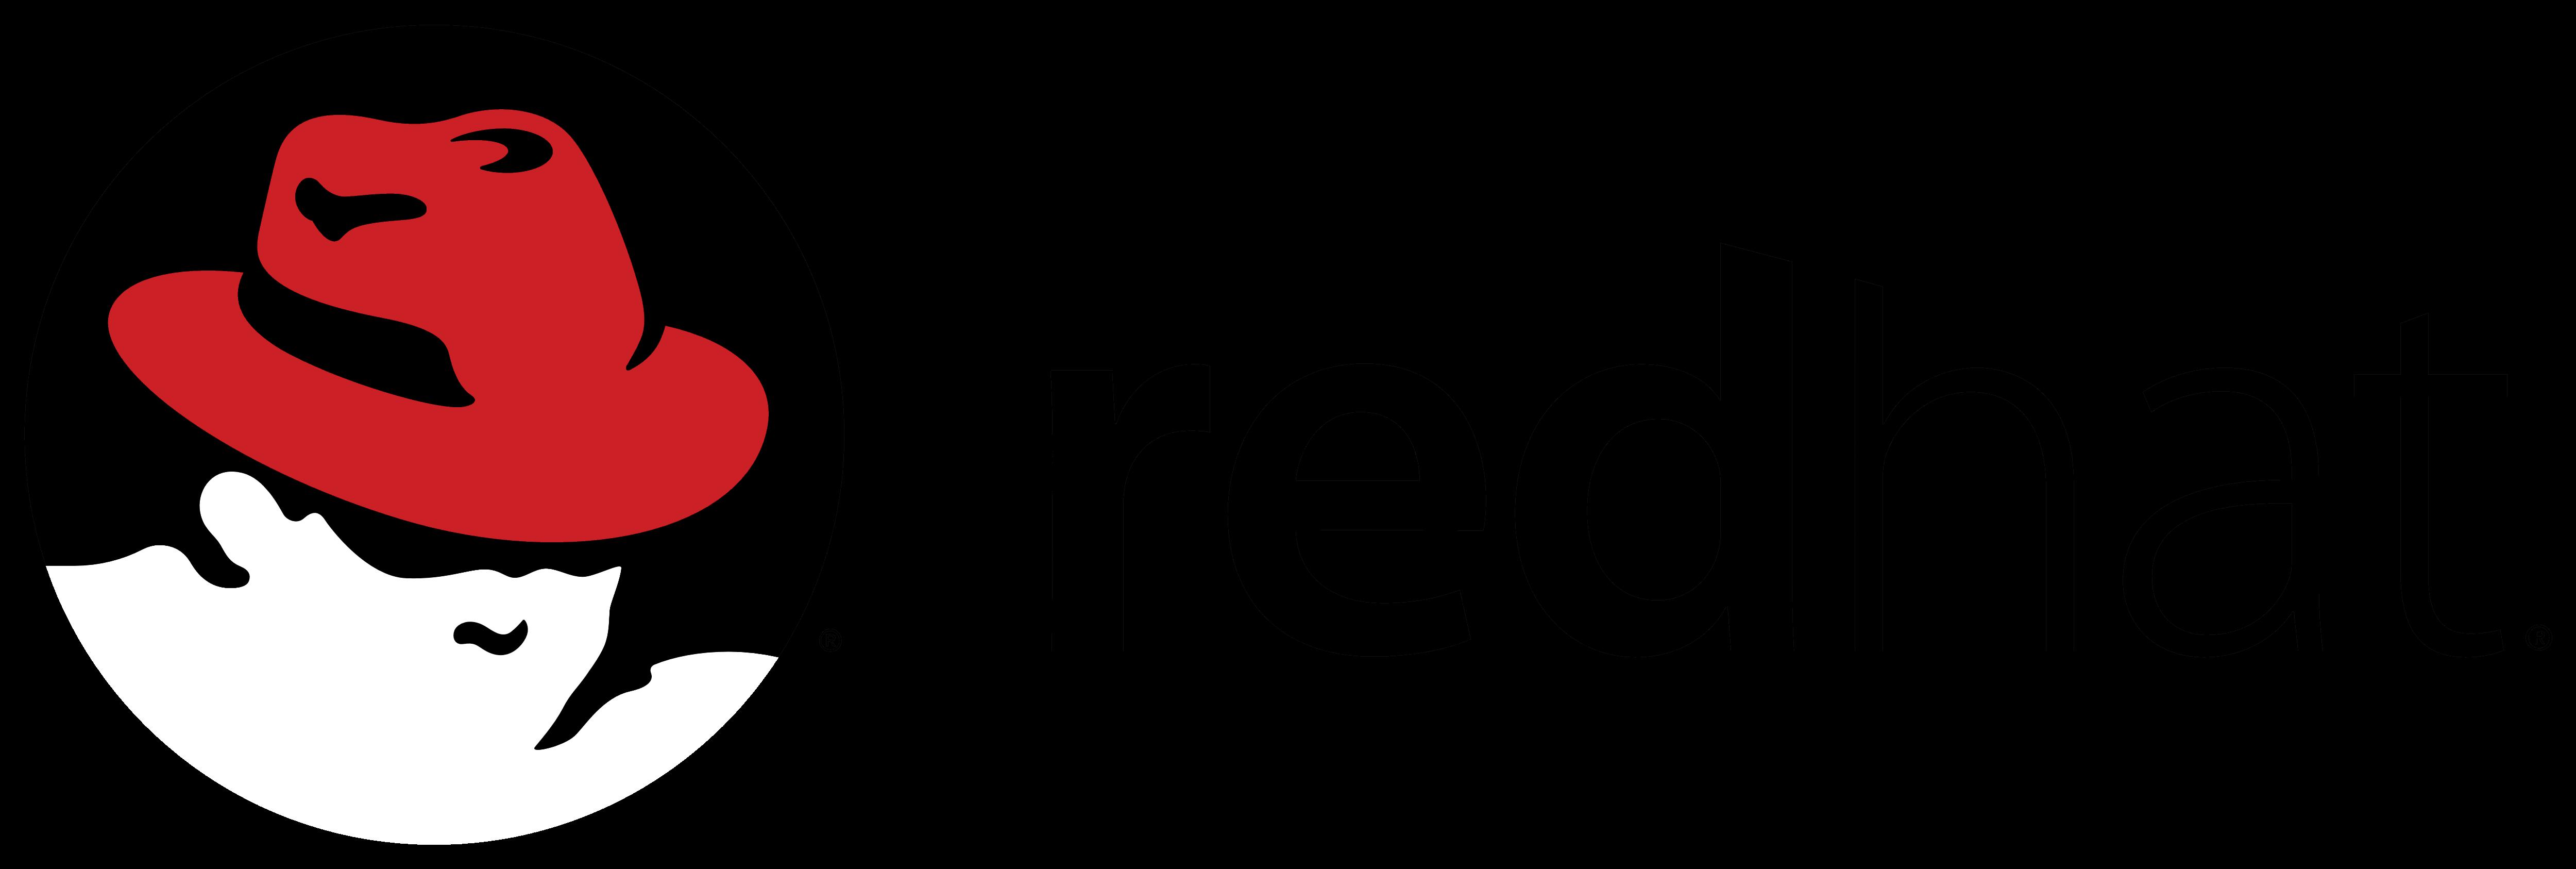 Red Hat (RedHat) – Logos Download